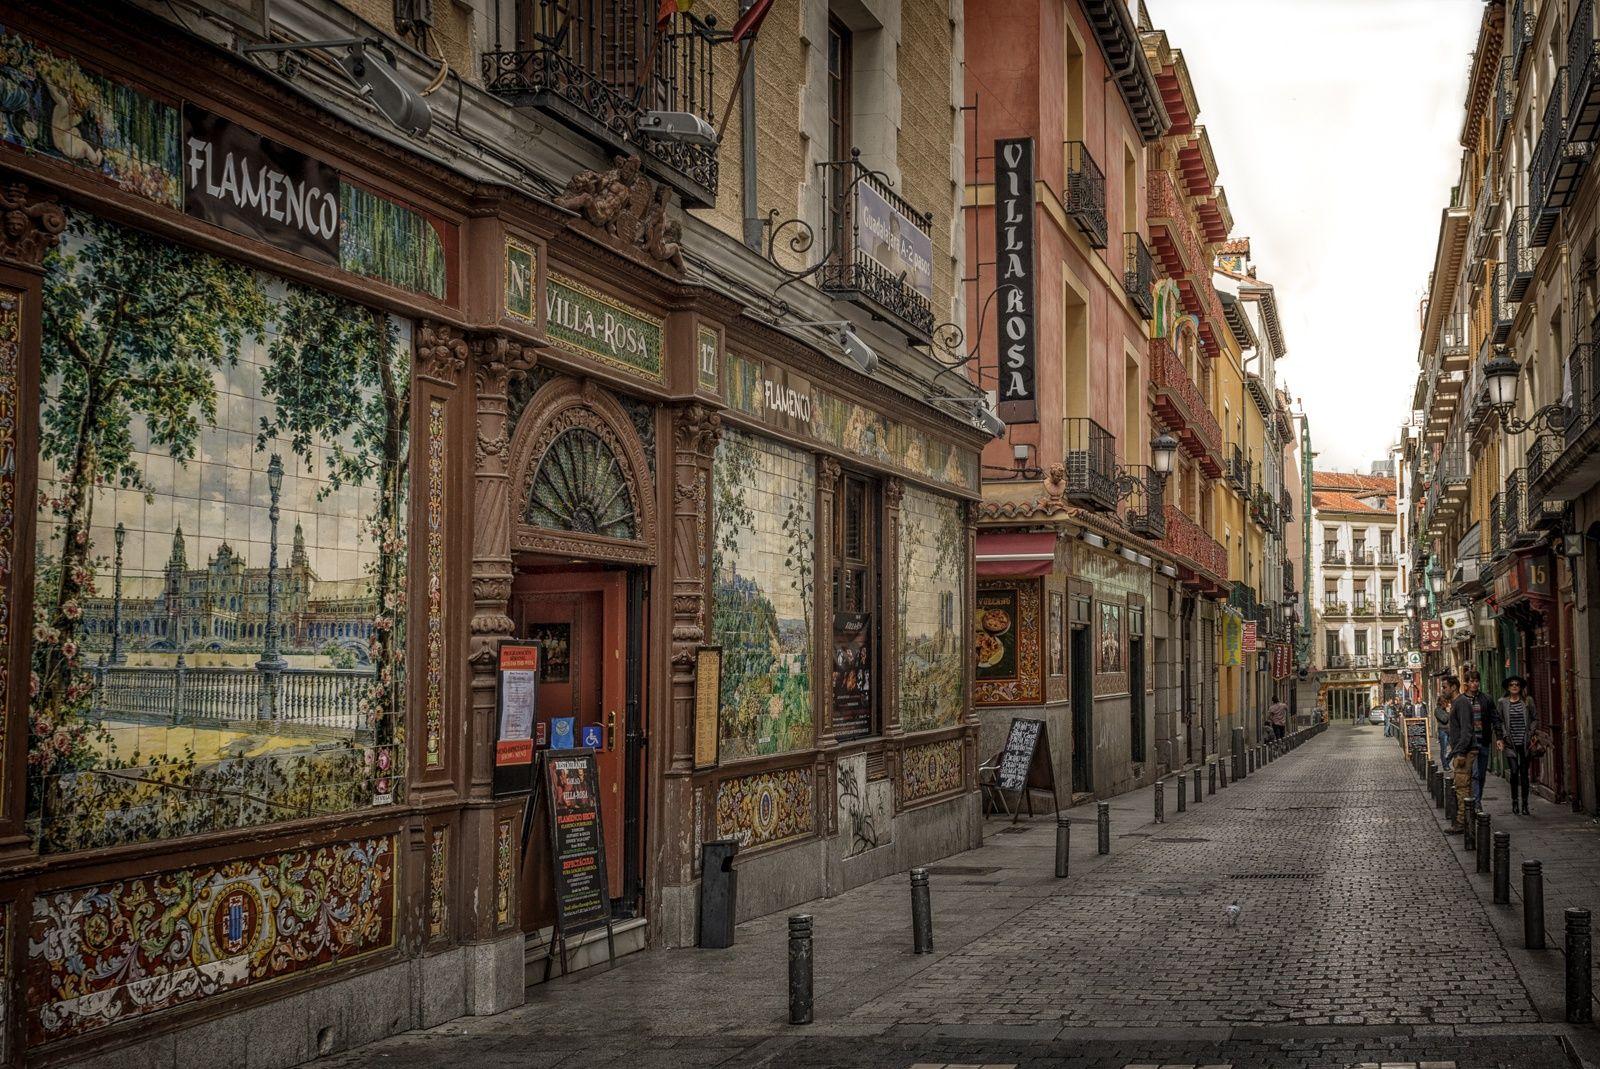 Villa Rosa by Danilo Bruschi. Villa Rosa is one of the